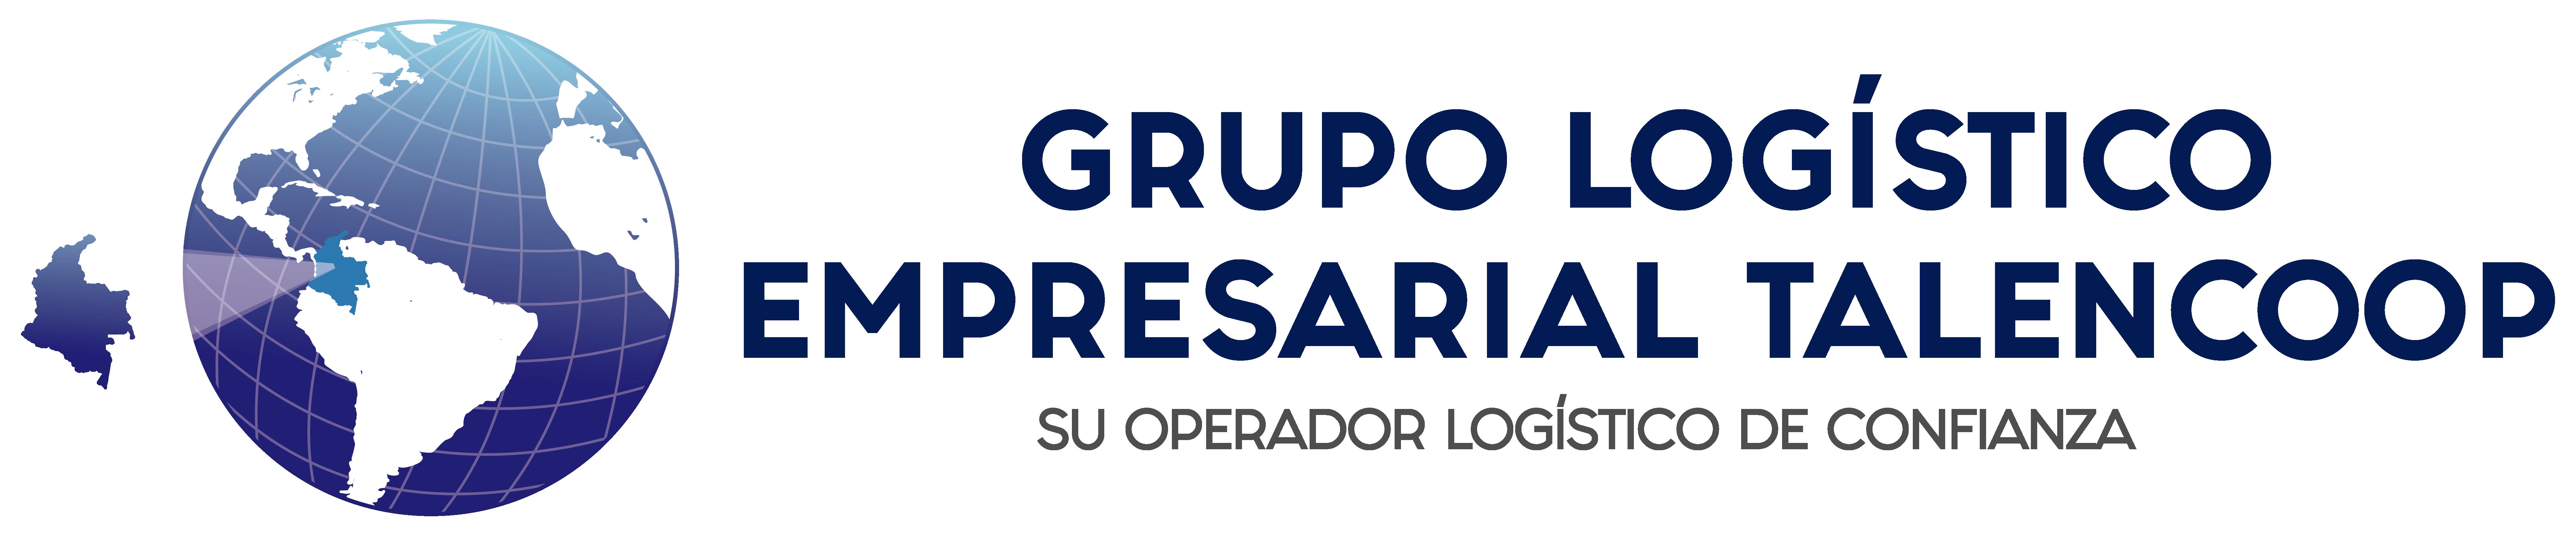 Grupo Logístico Empresarial Talencoop